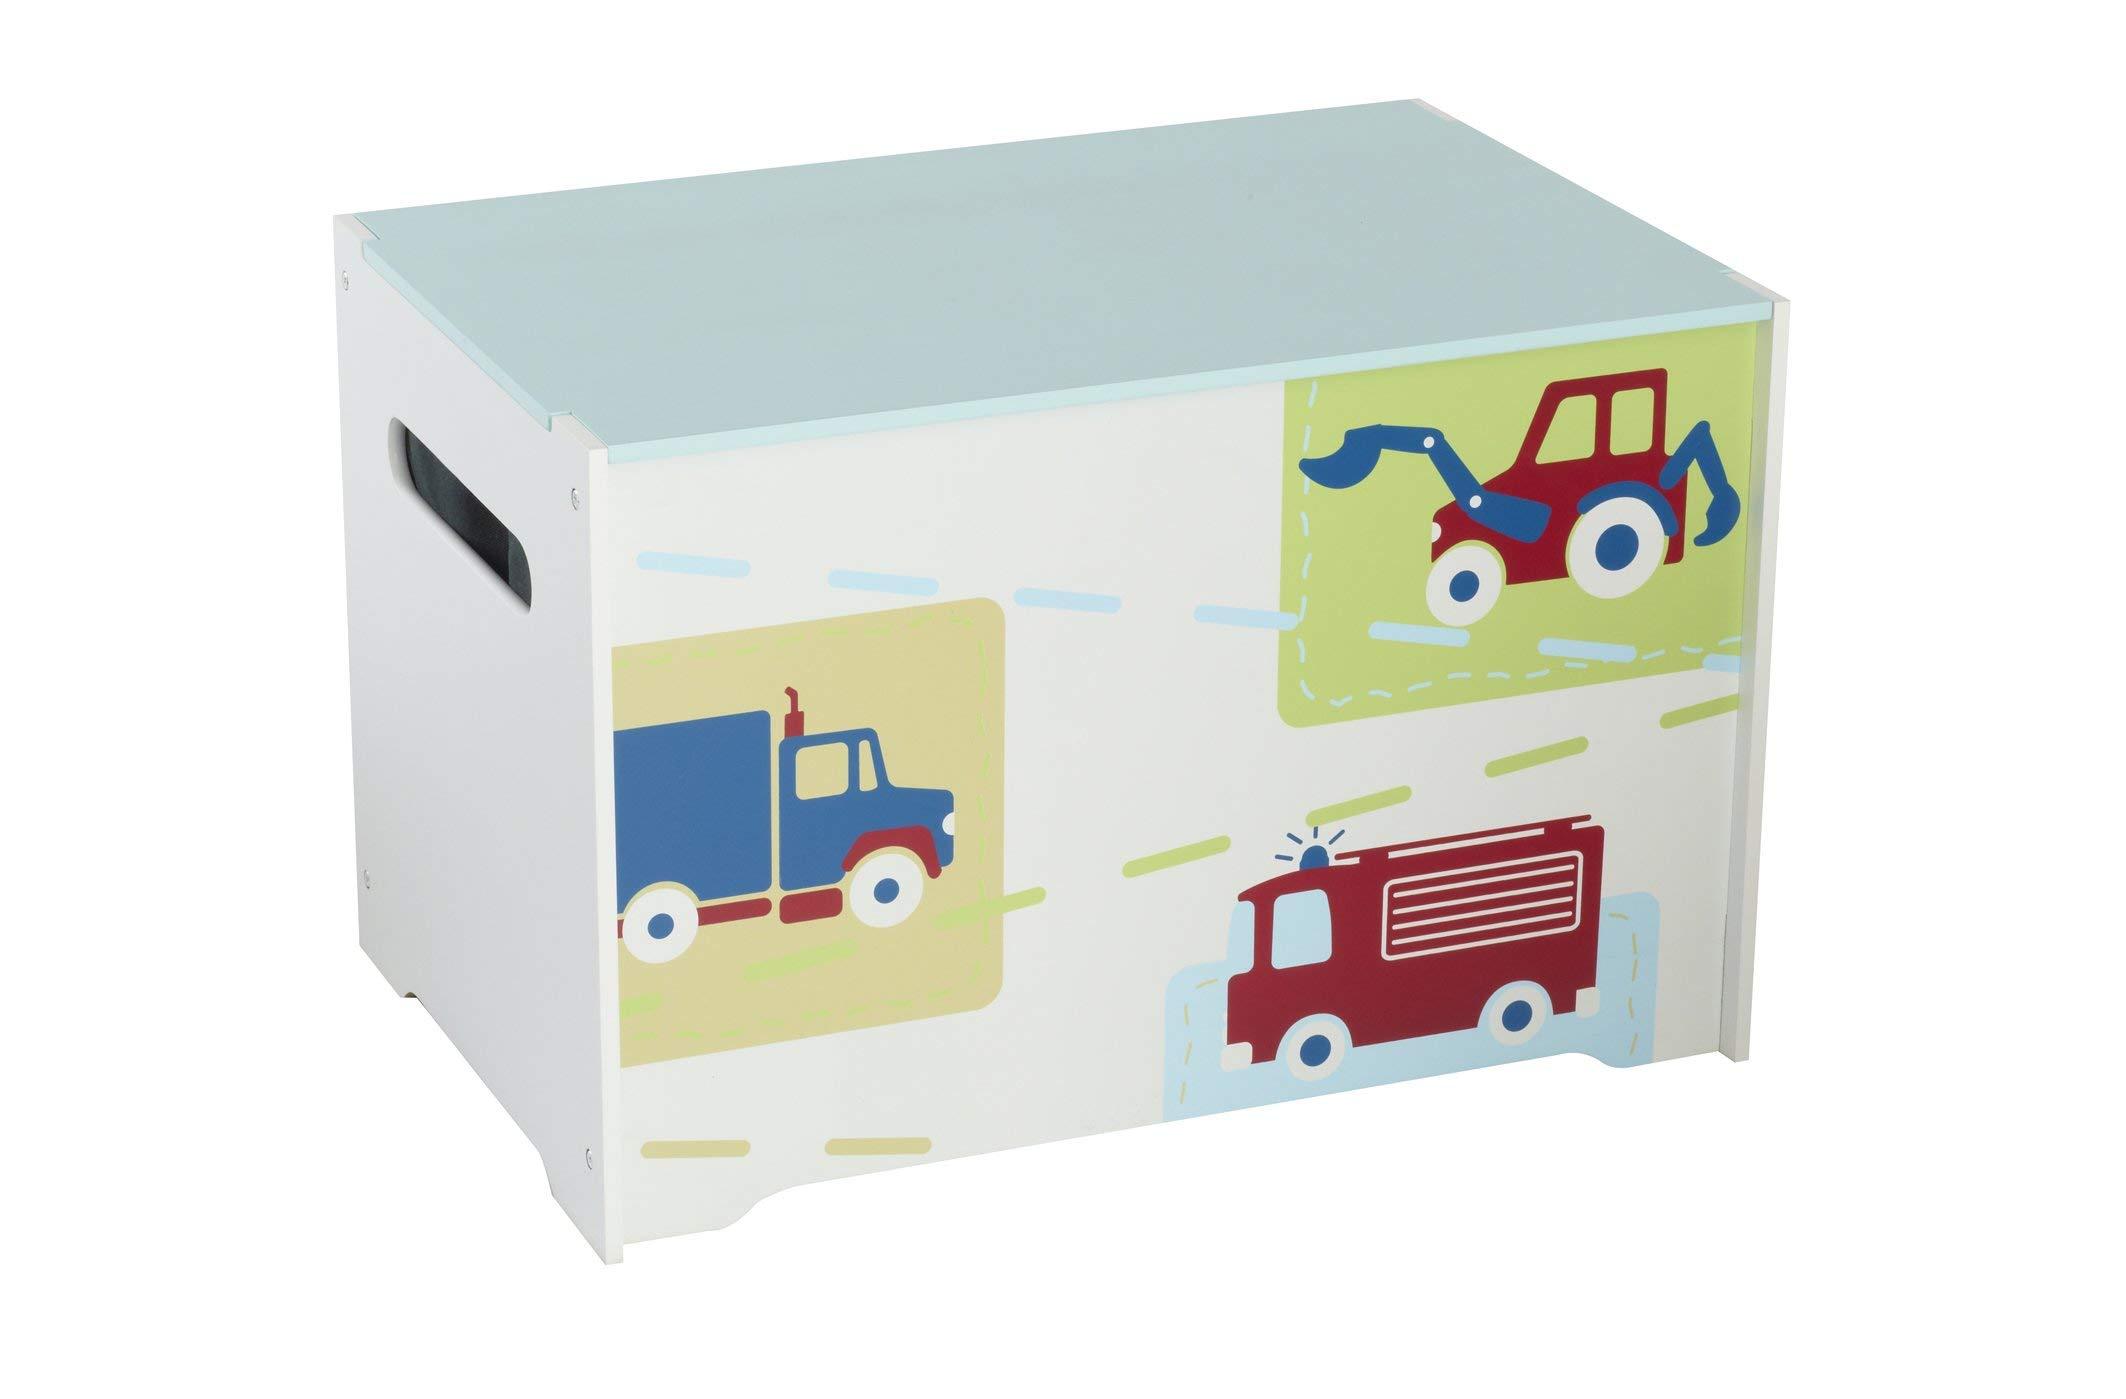 Full Size of Regale Kinderzimmer Regal Aufbewahrungsbox Garten Weiß Sofa Wohnzimmer Aufbewahrungsbox Kinderzimmer